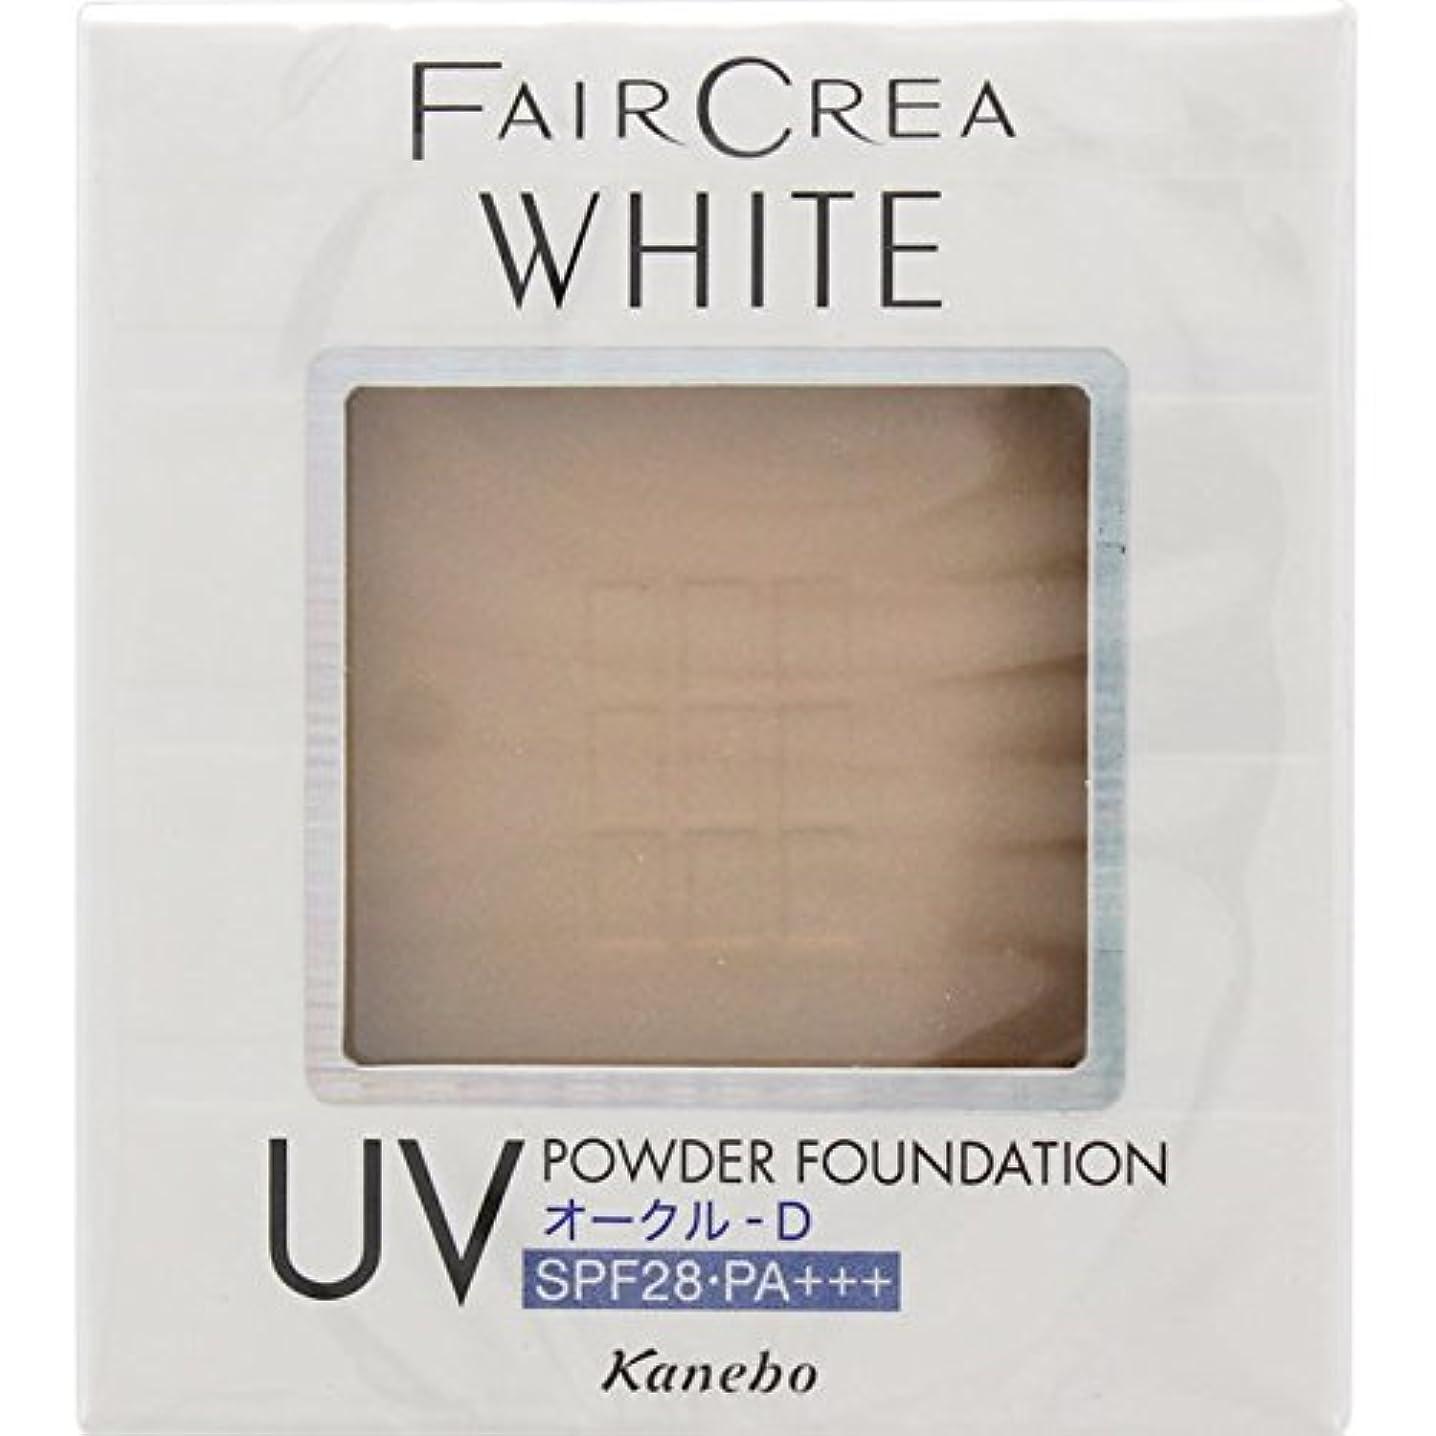 標高クランシー対処するカネボウフェアクレア(FAIRCREA)ホワイトUVパウダーファンデーション カラー:オークルD